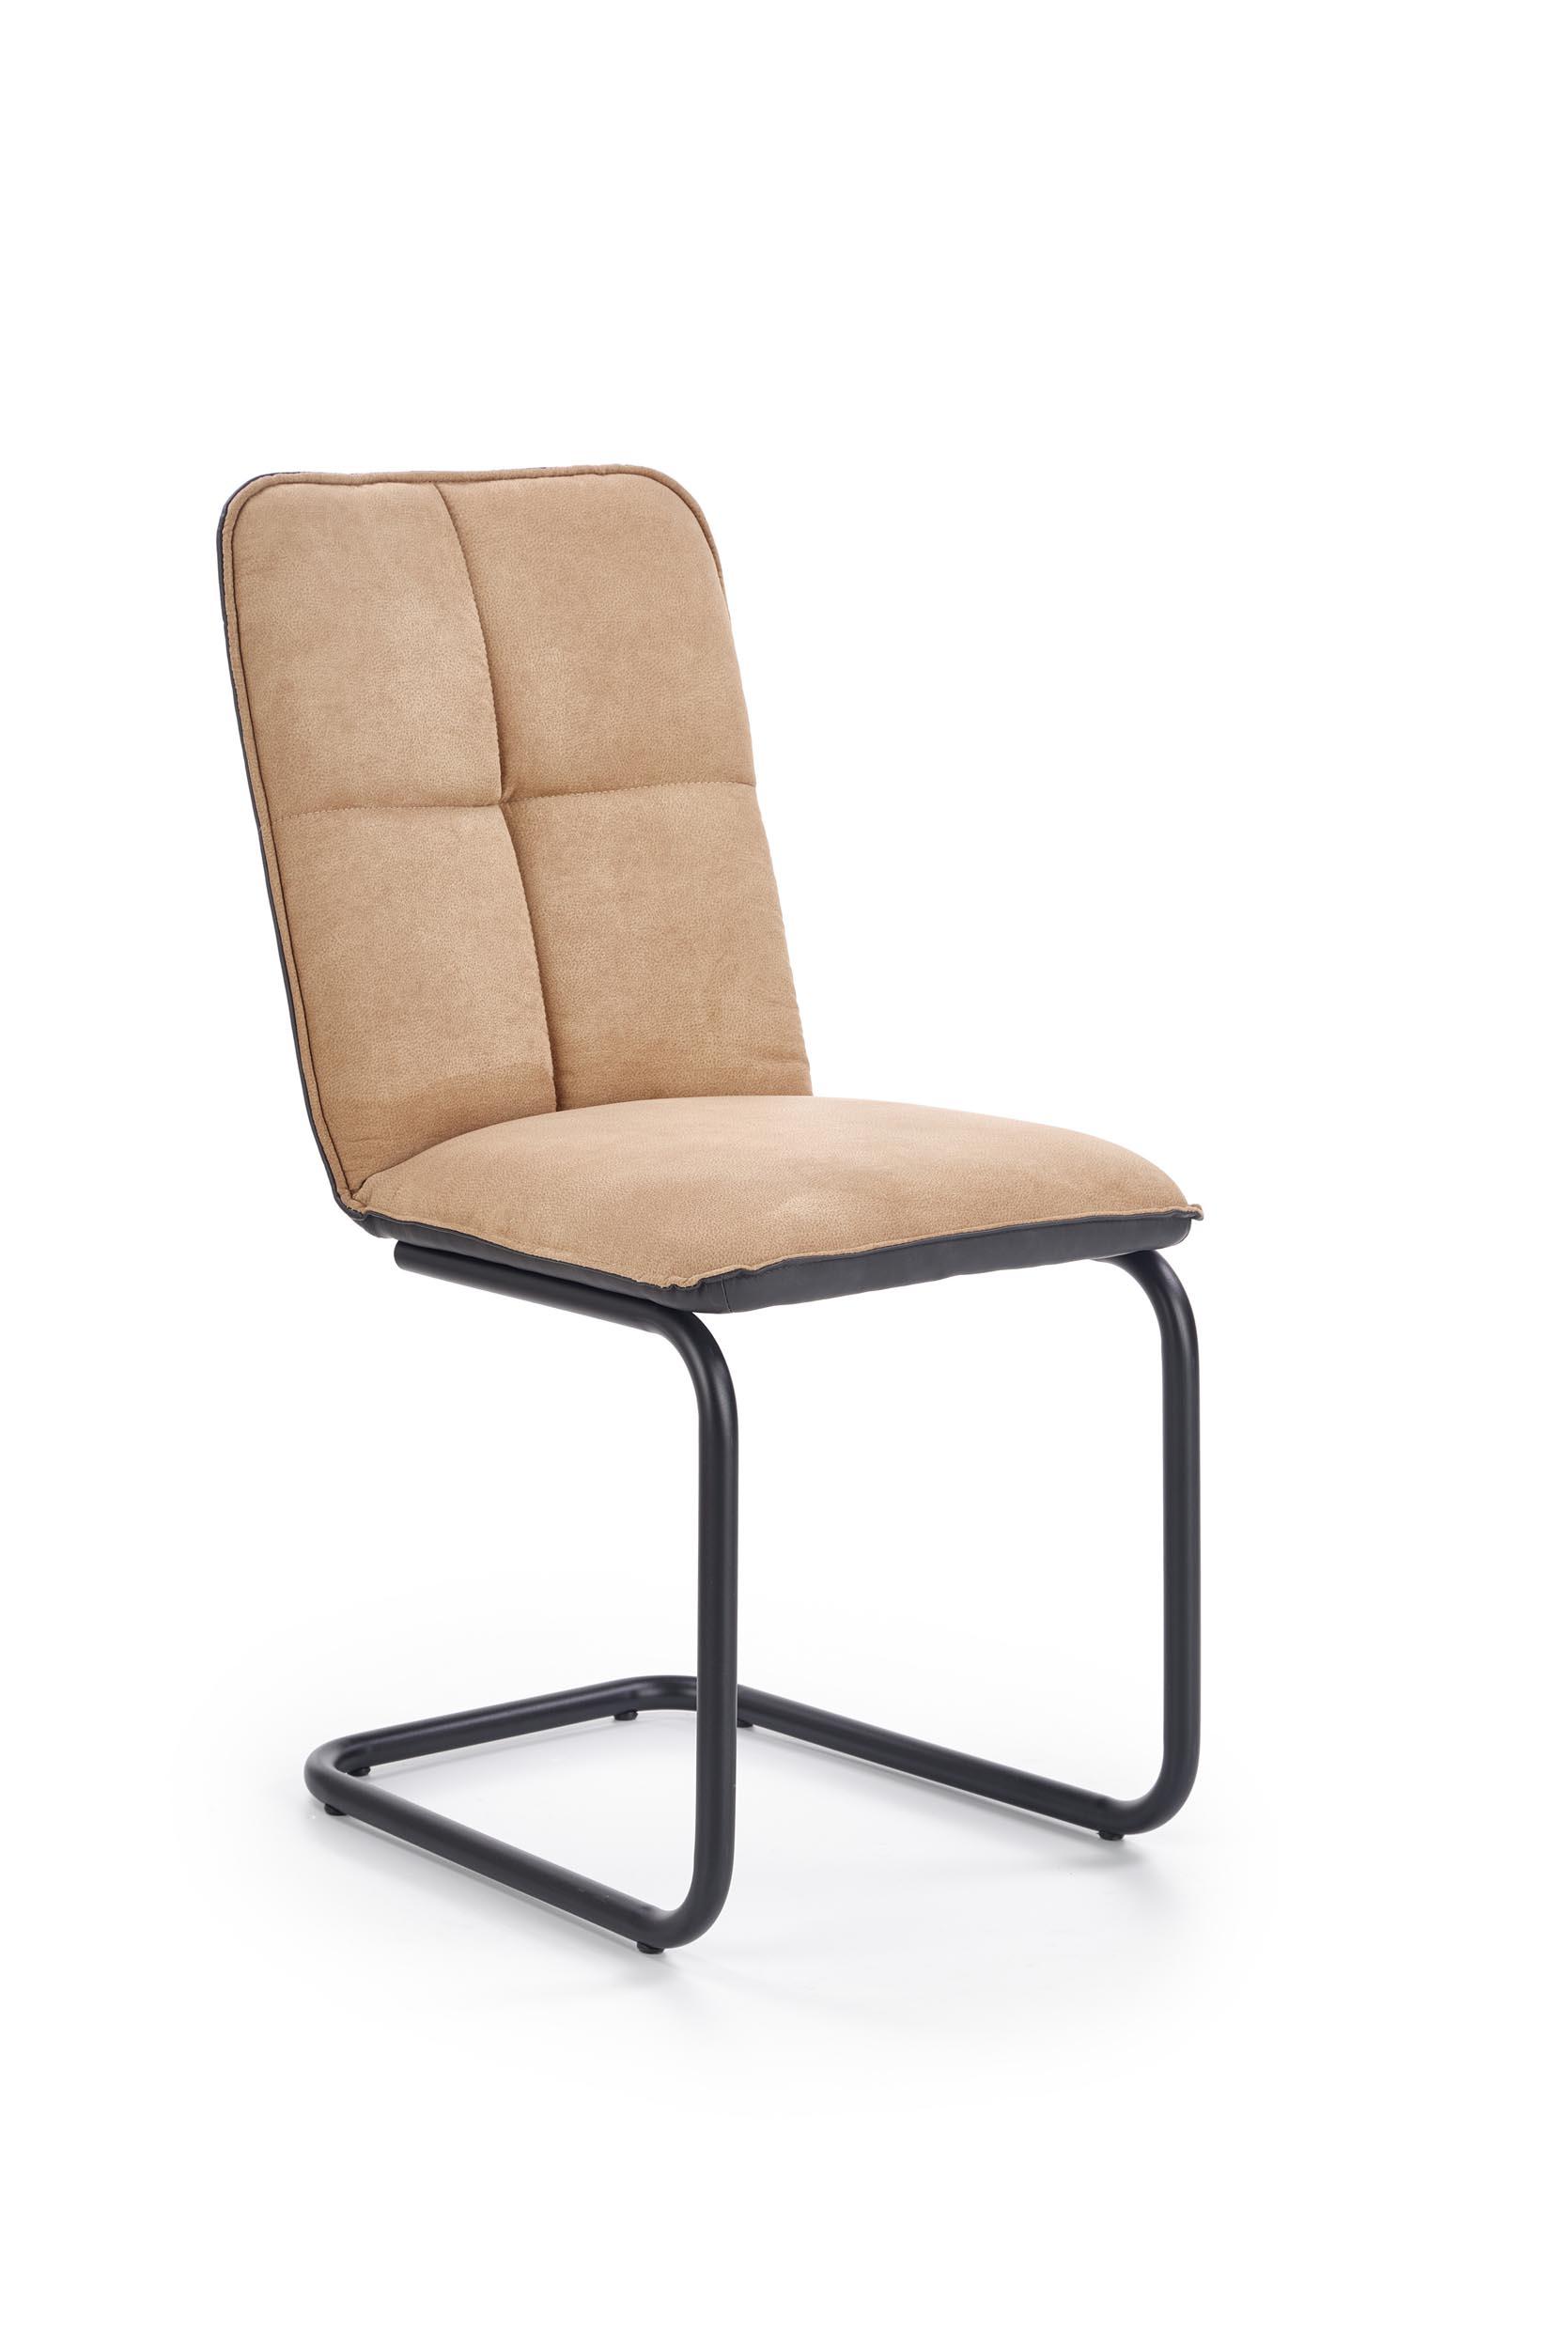 K268 jedálenská stolička